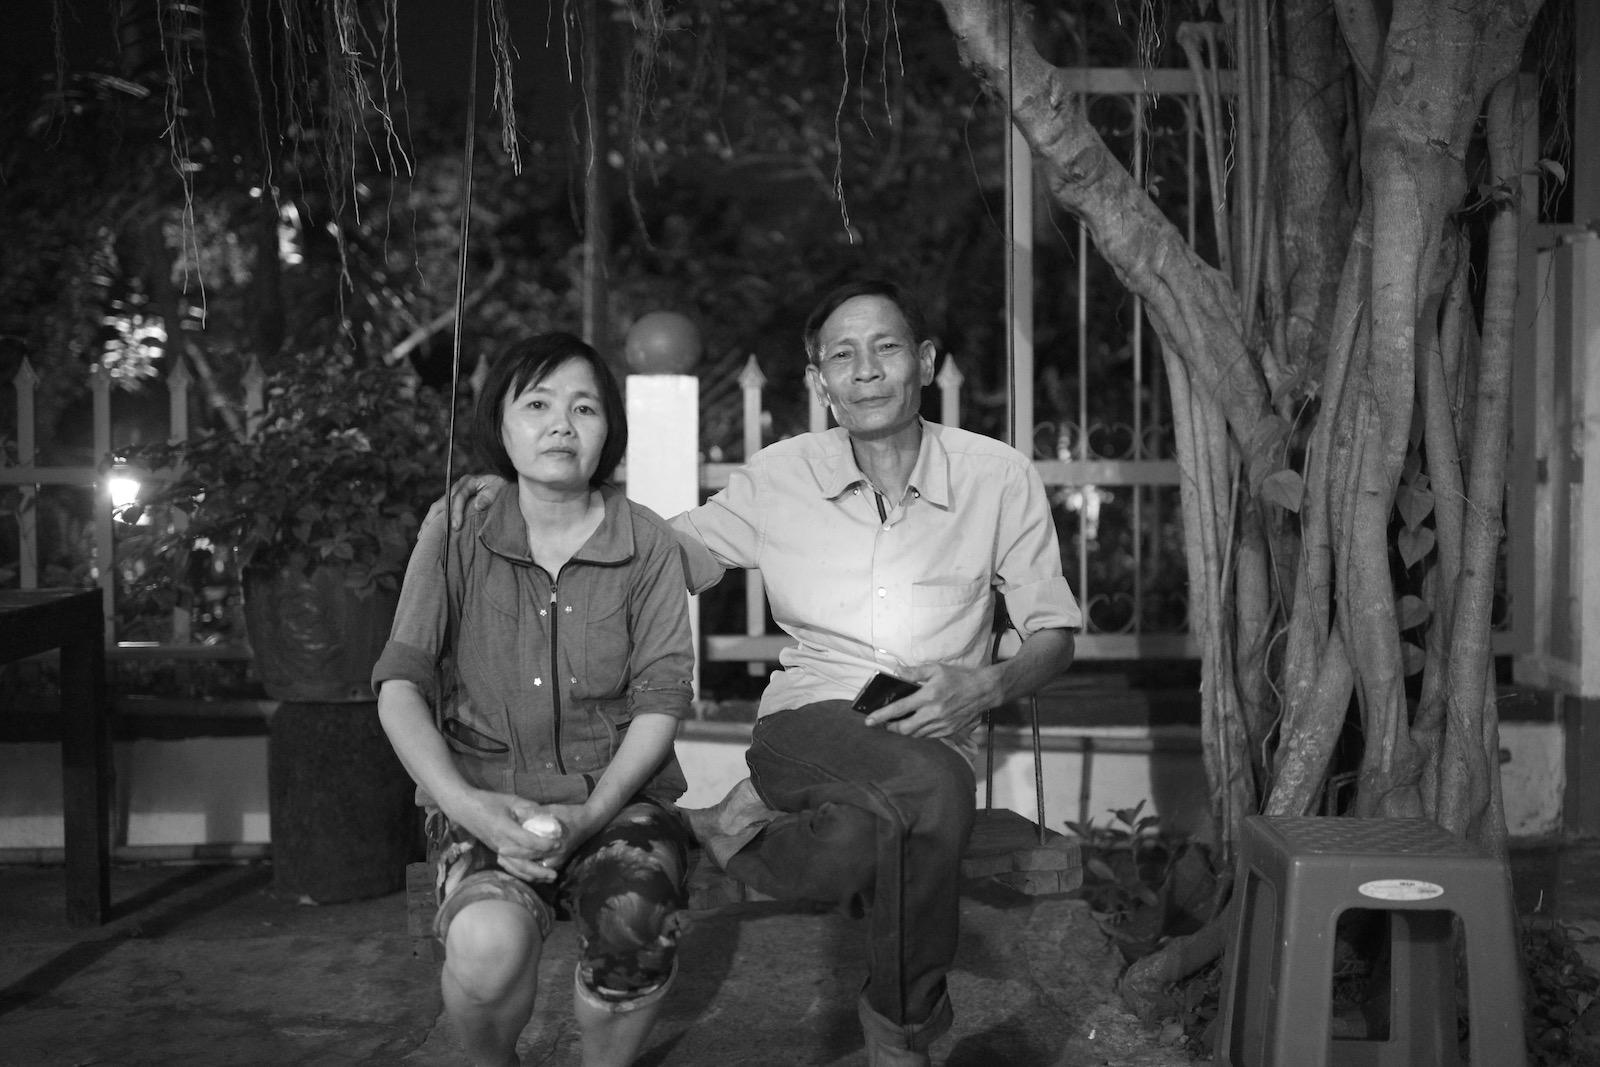 Rejseblog: Oplevelser fra et Homestay i Vietnam - Mette & Martin Rejser